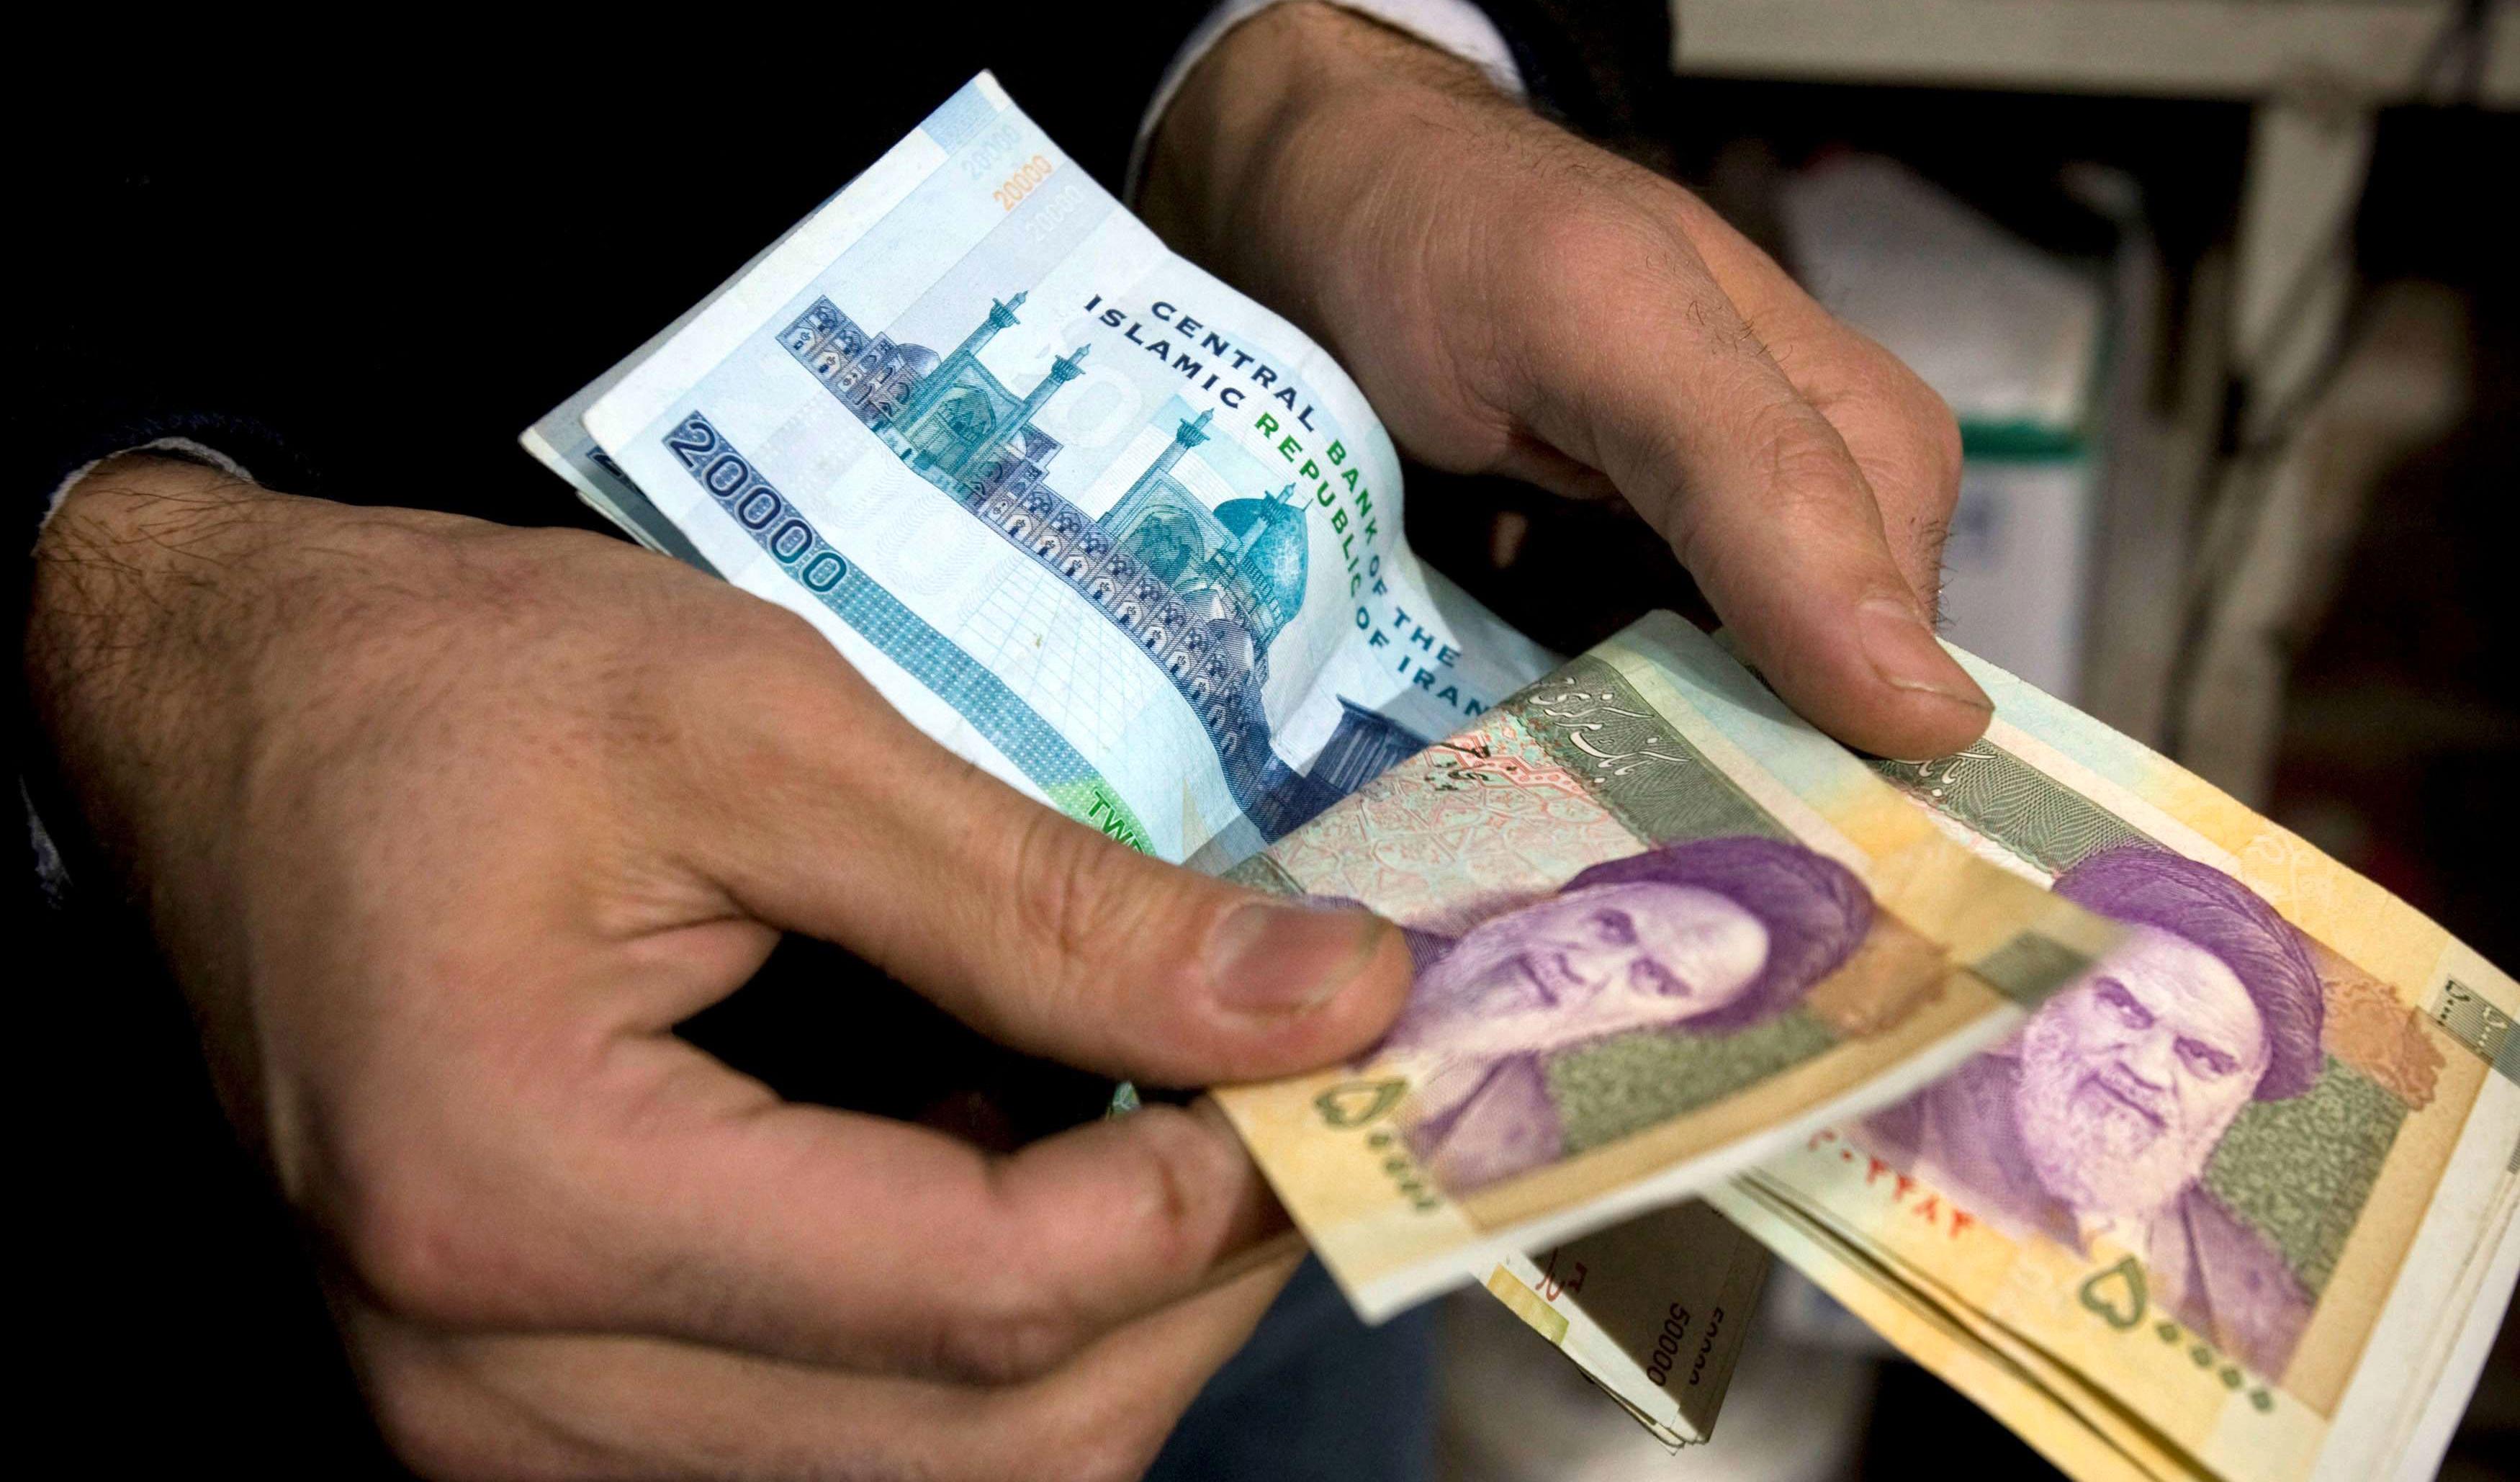 فرآیند حذف ۳ دهک بالای درآمدی از دریافت یارانه نقدی آغاز شد